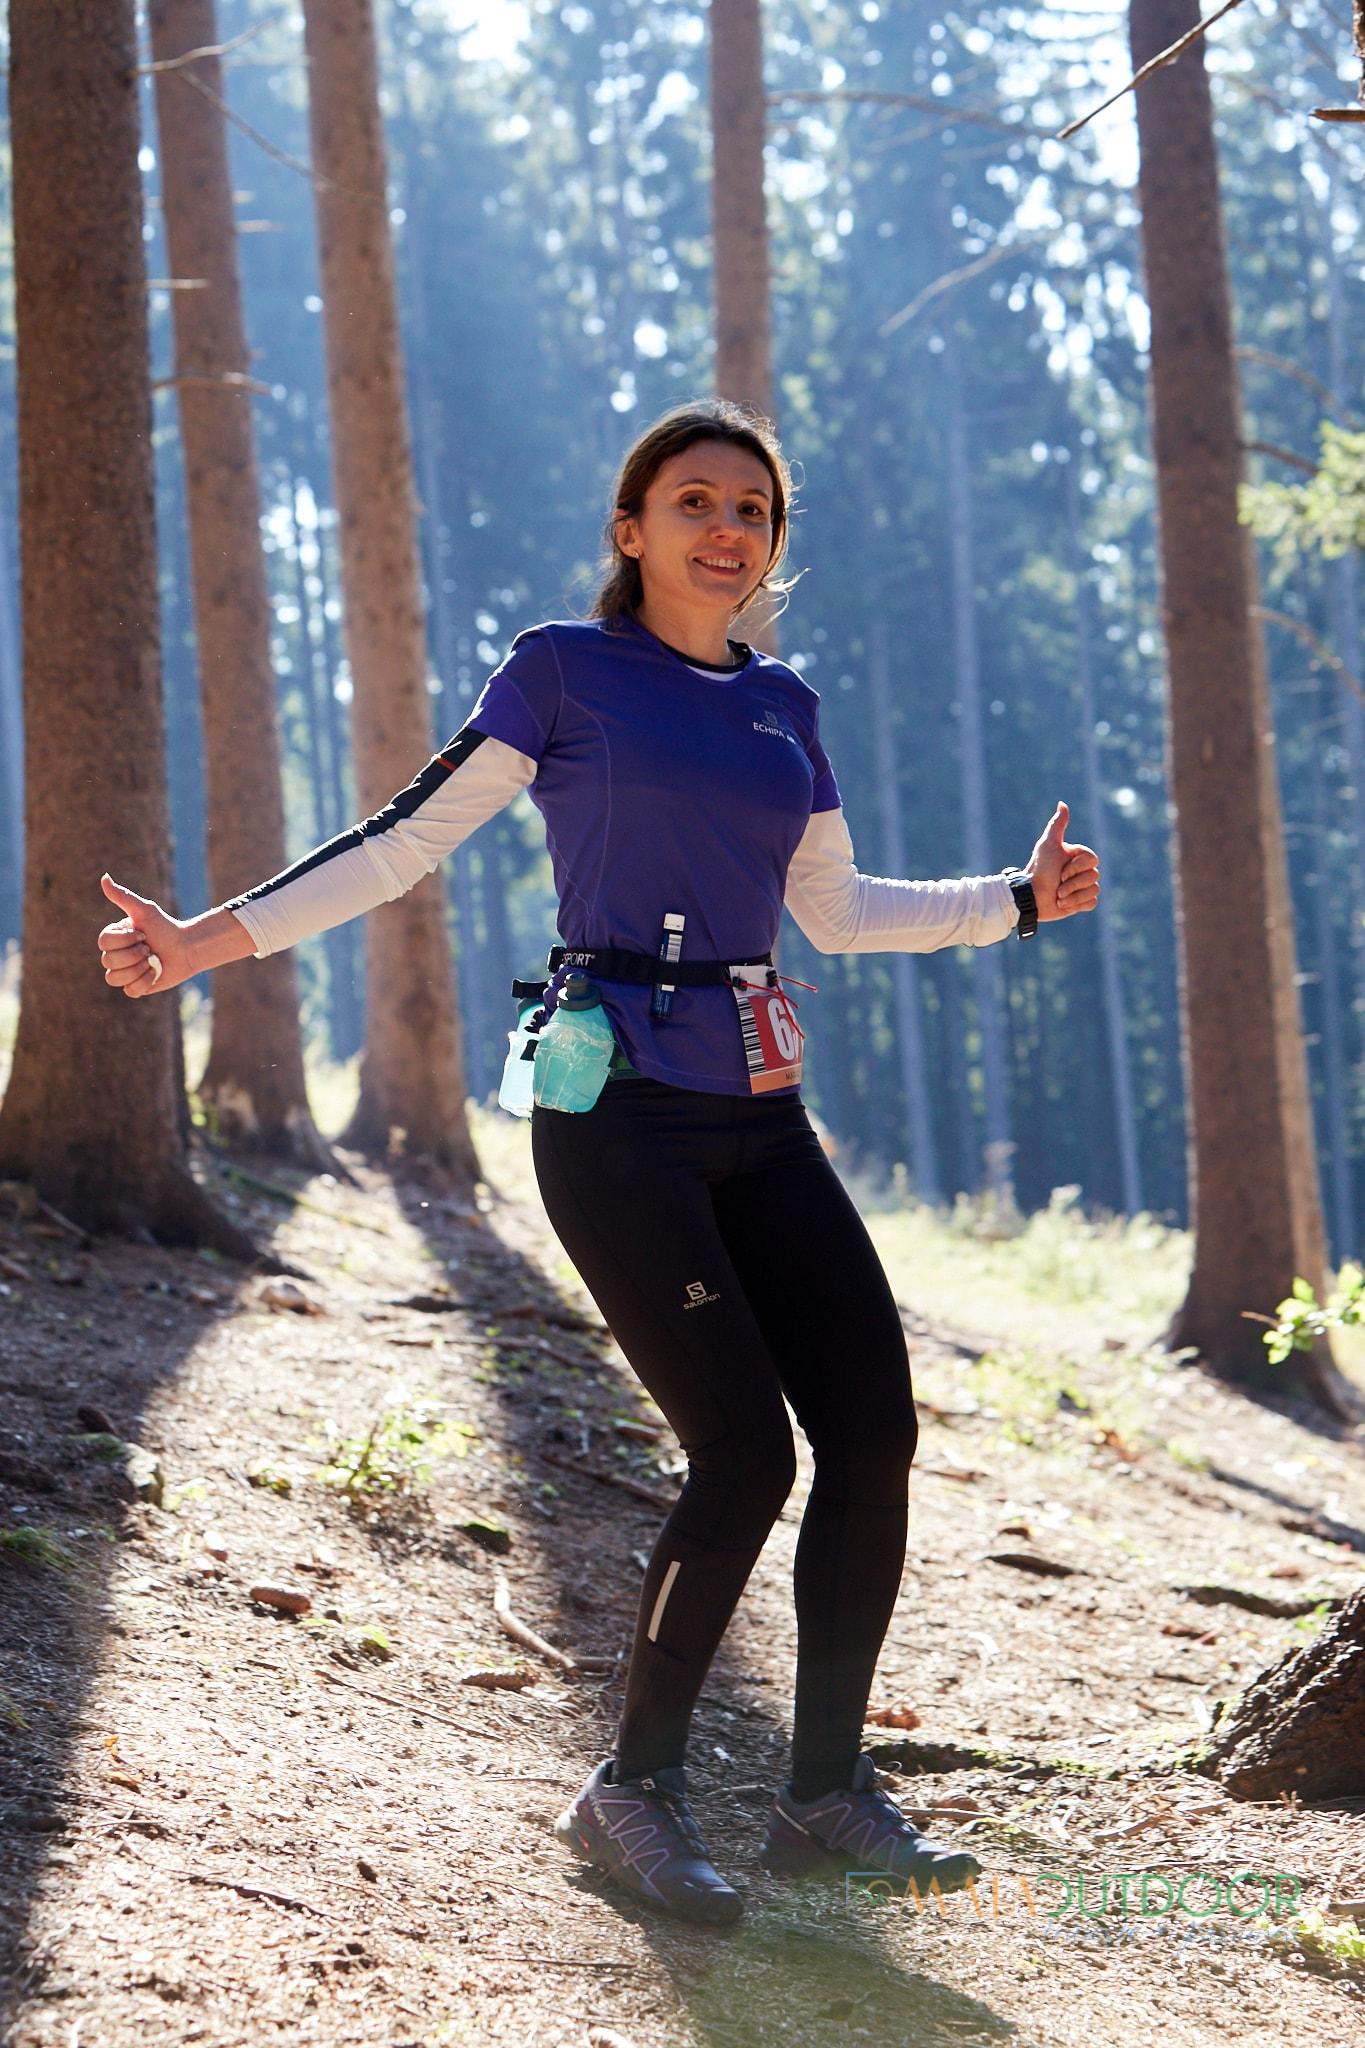 Semimaraton_Curtea_Domneasca_MaiaOutdoor.ro_IMG_6065-min